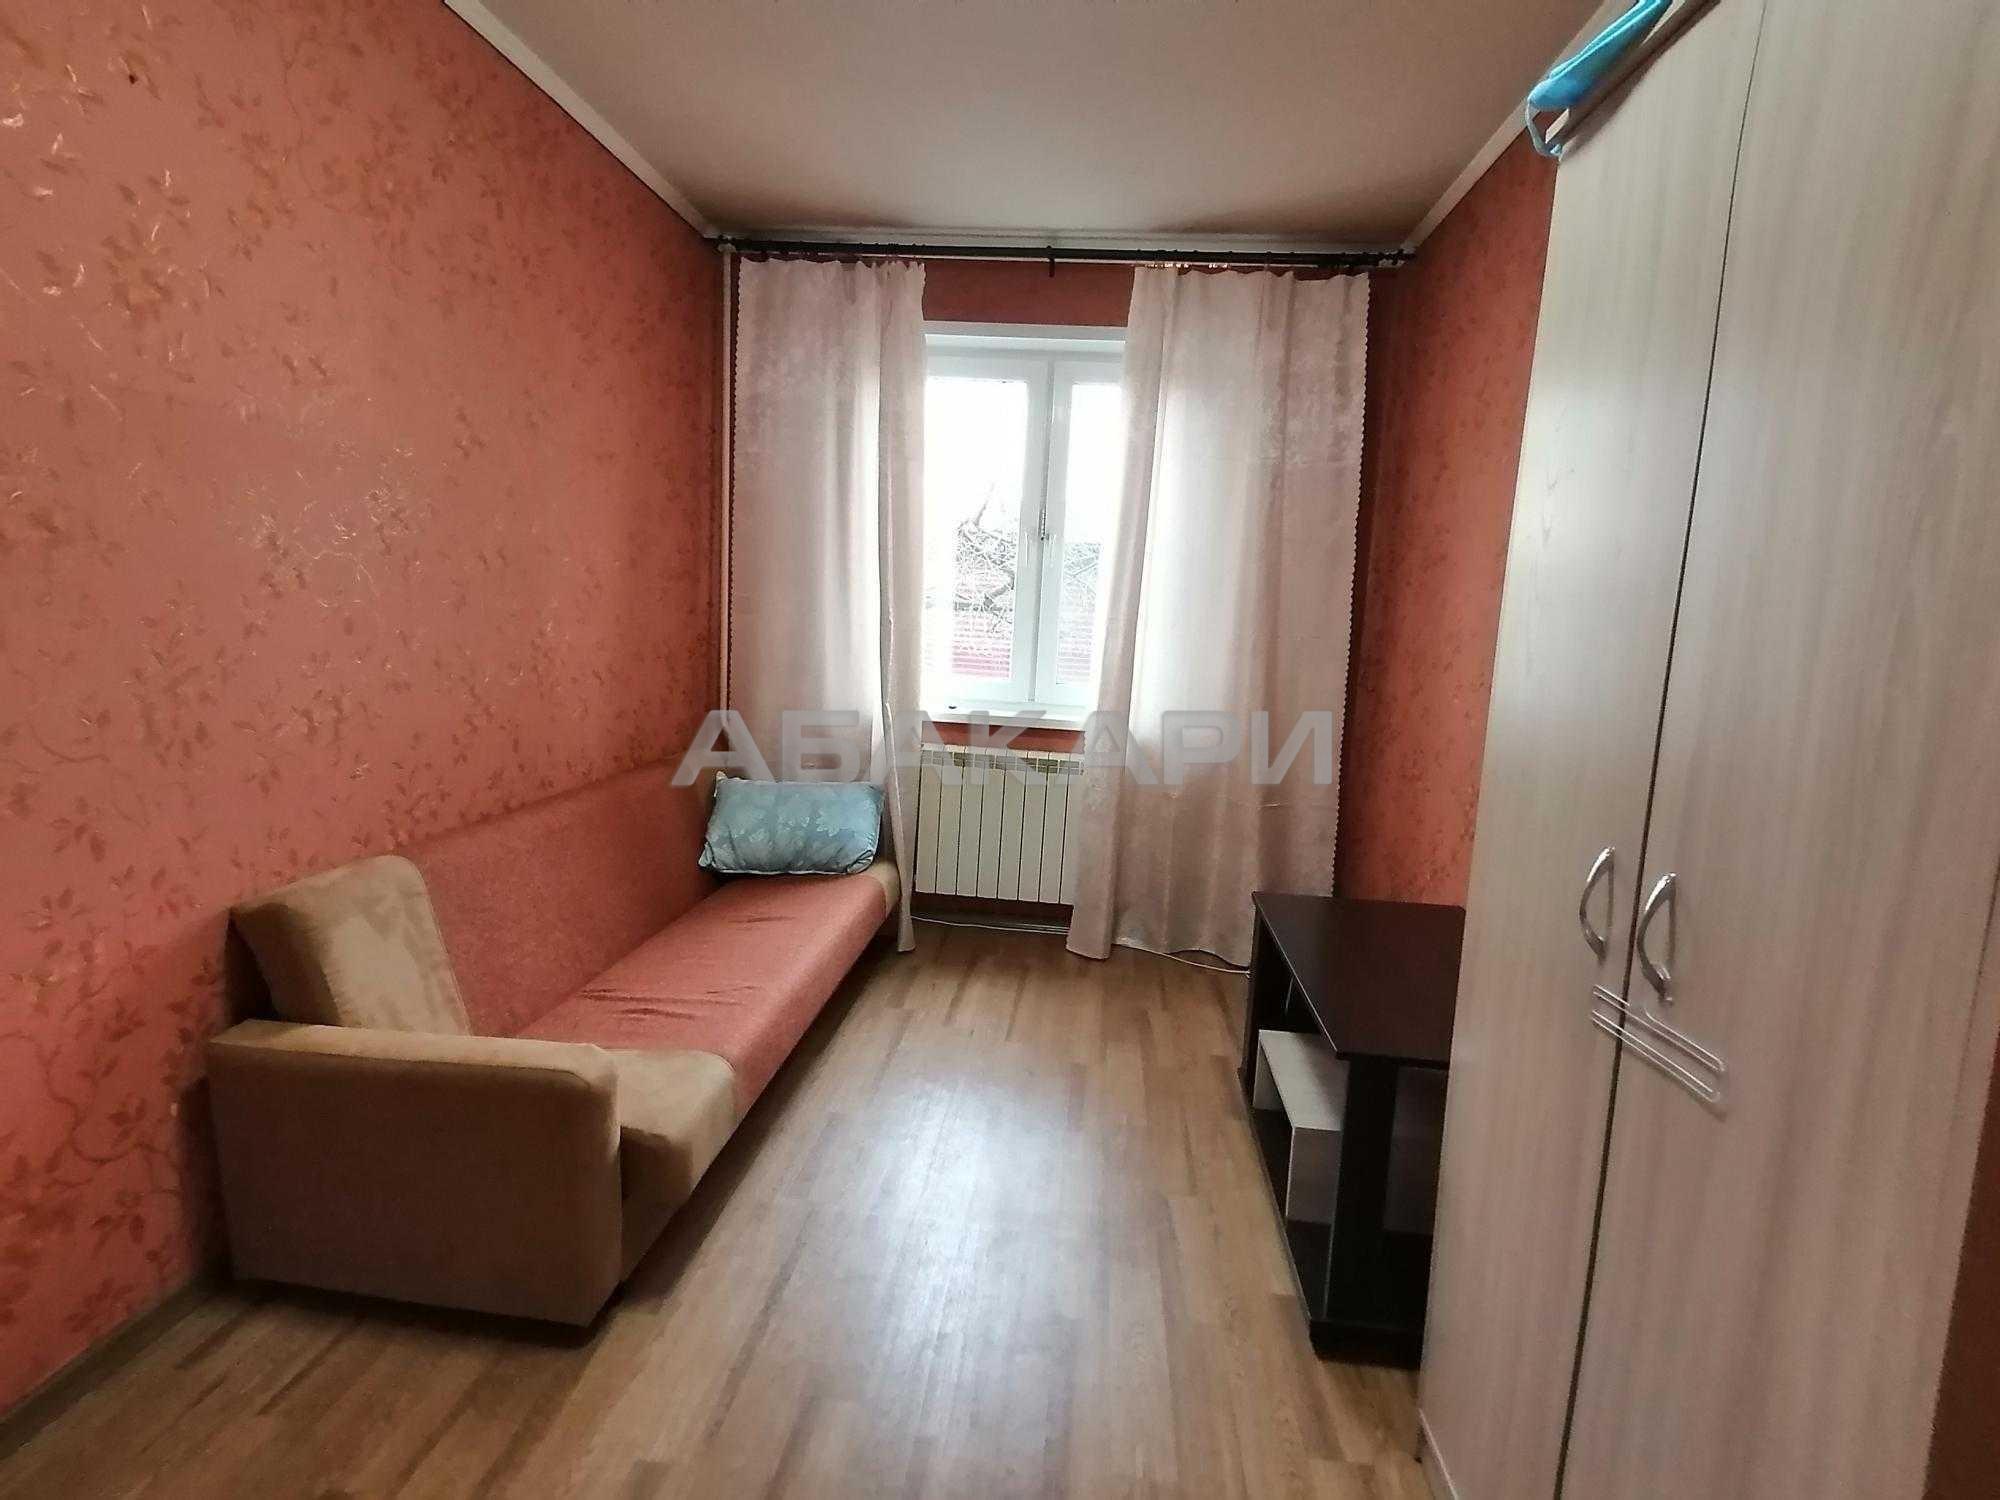 студия улица Спортивная, 182 | 9000 | аренда в Красноярске фото 3